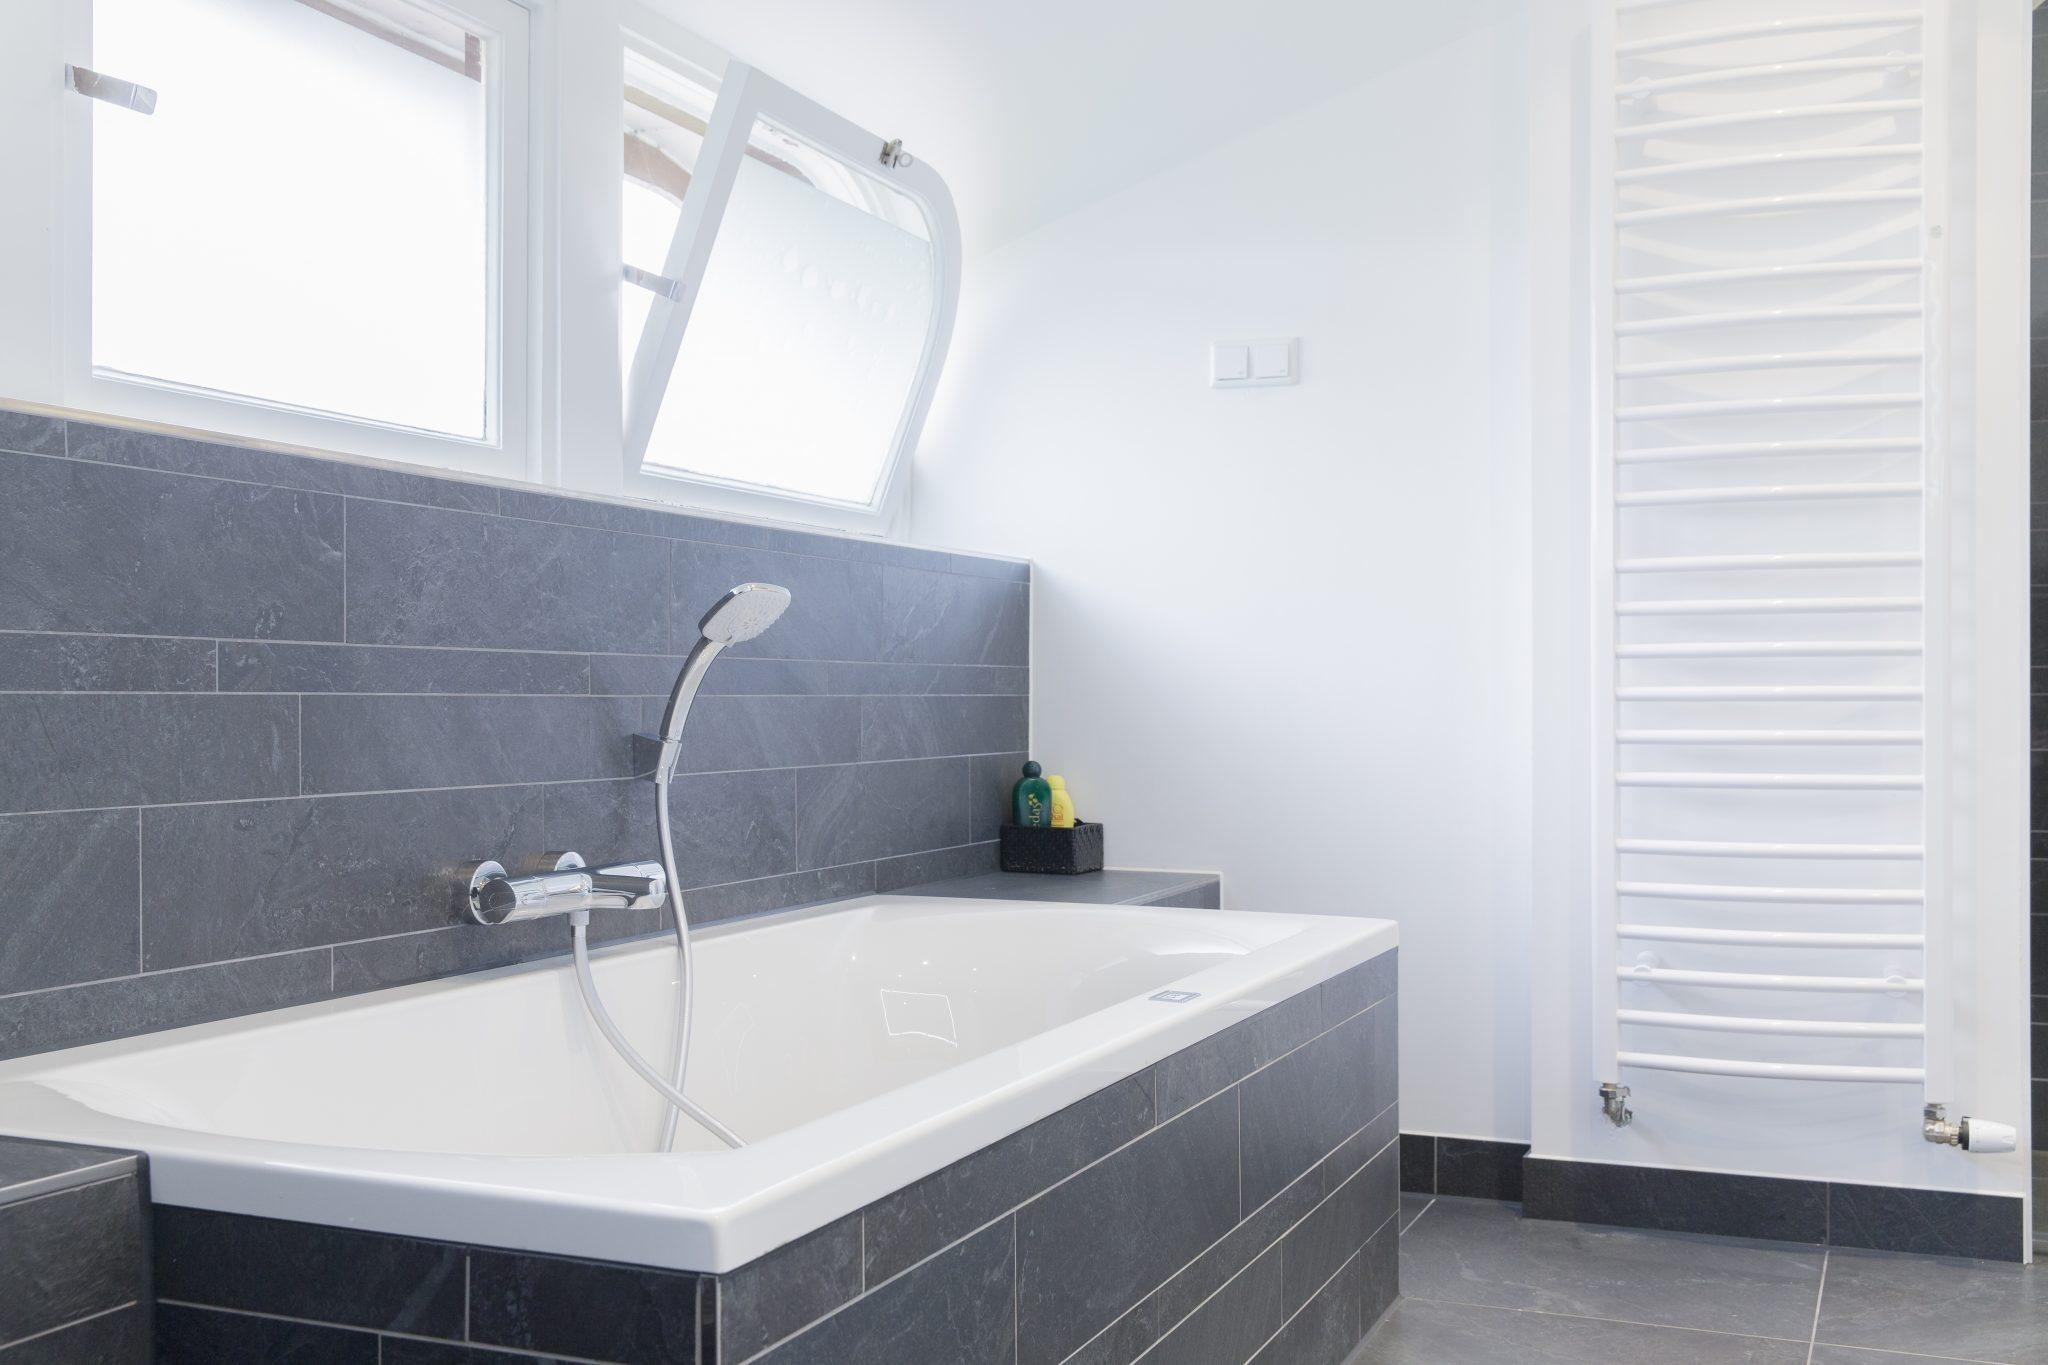 Badkamer Showroom Zutphen : Badkamer showroom hengelo badkamer inspiratie op doen bij